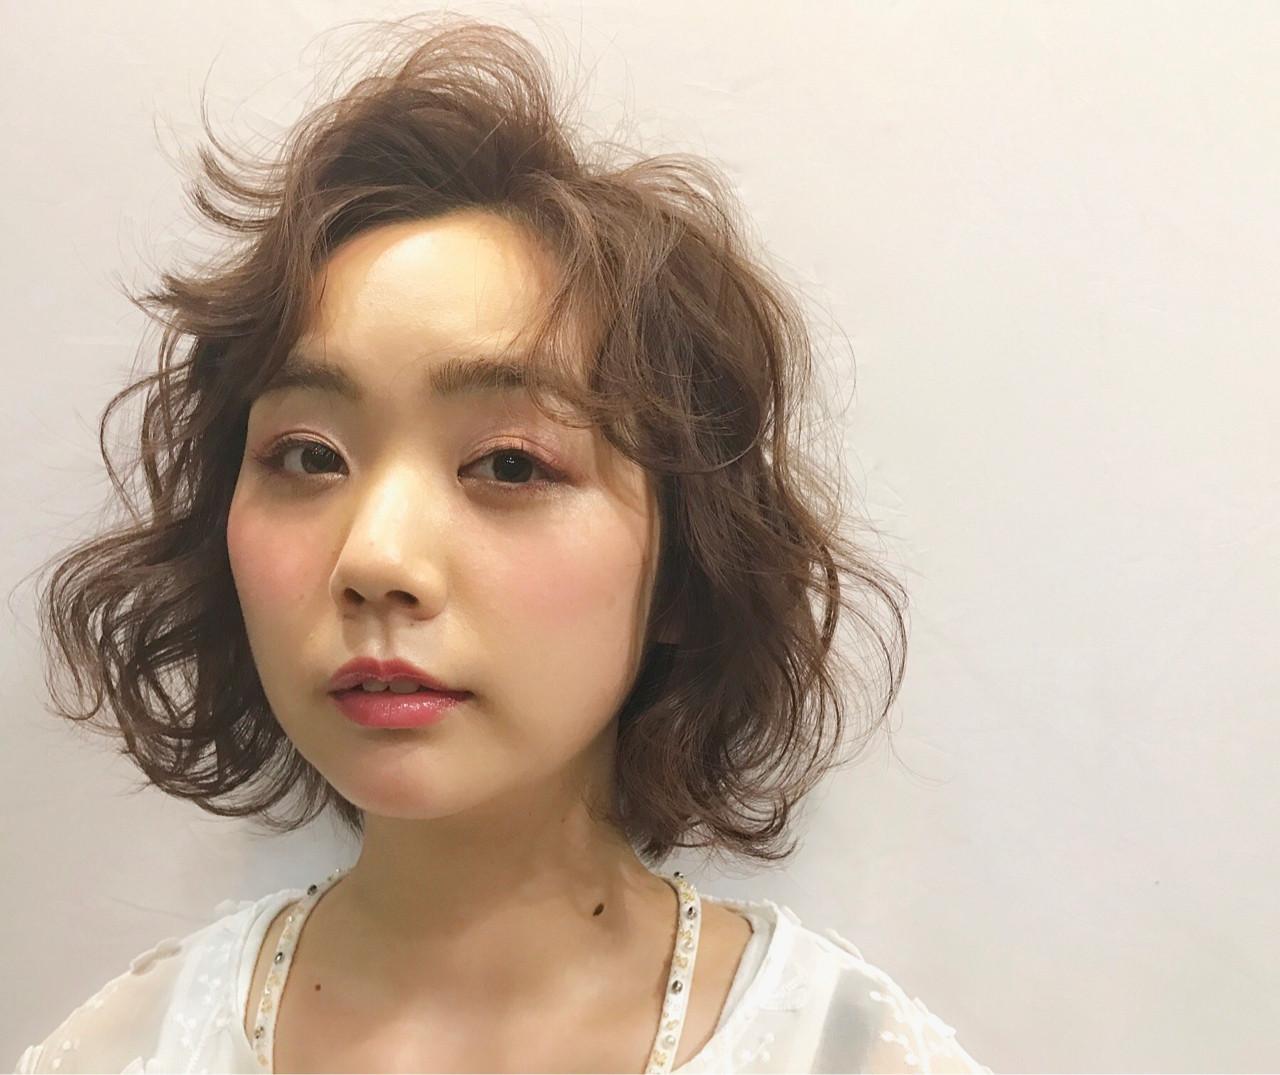 ピンク ウェーブ ボブ ガーリー ヘアスタイルや髪型の写真・画像